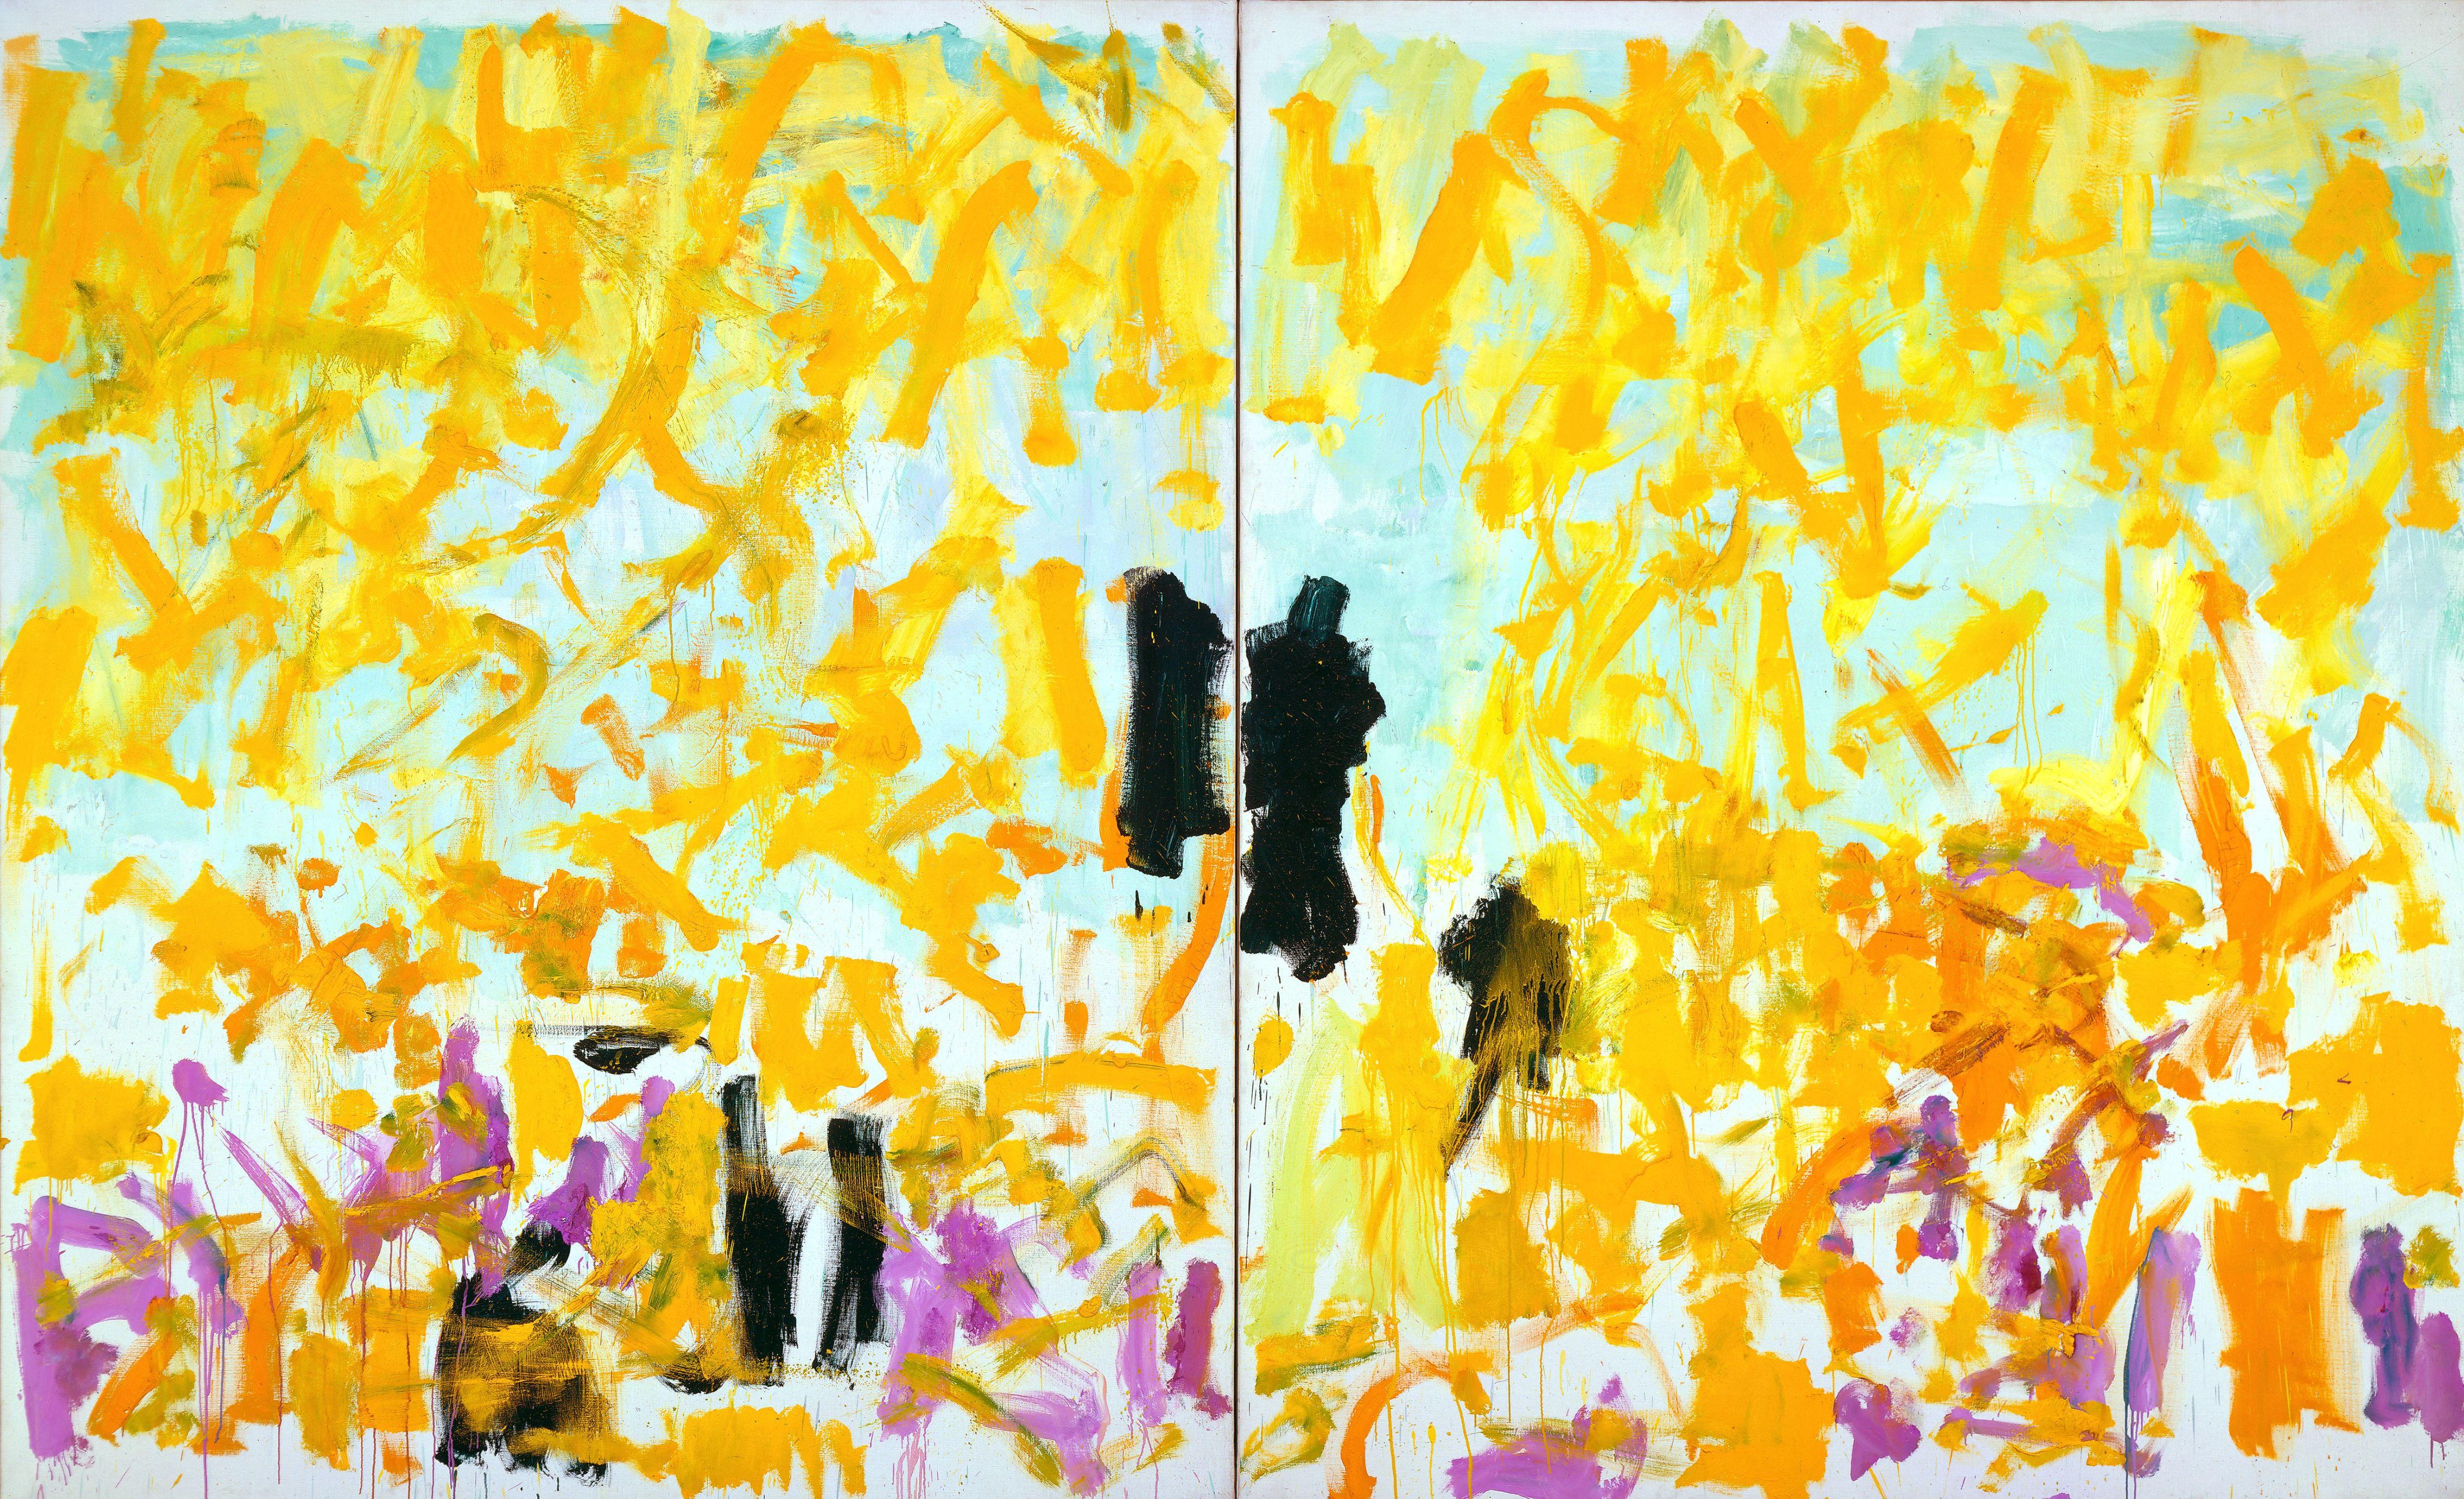 FragmentsofaLandscape20200126_02